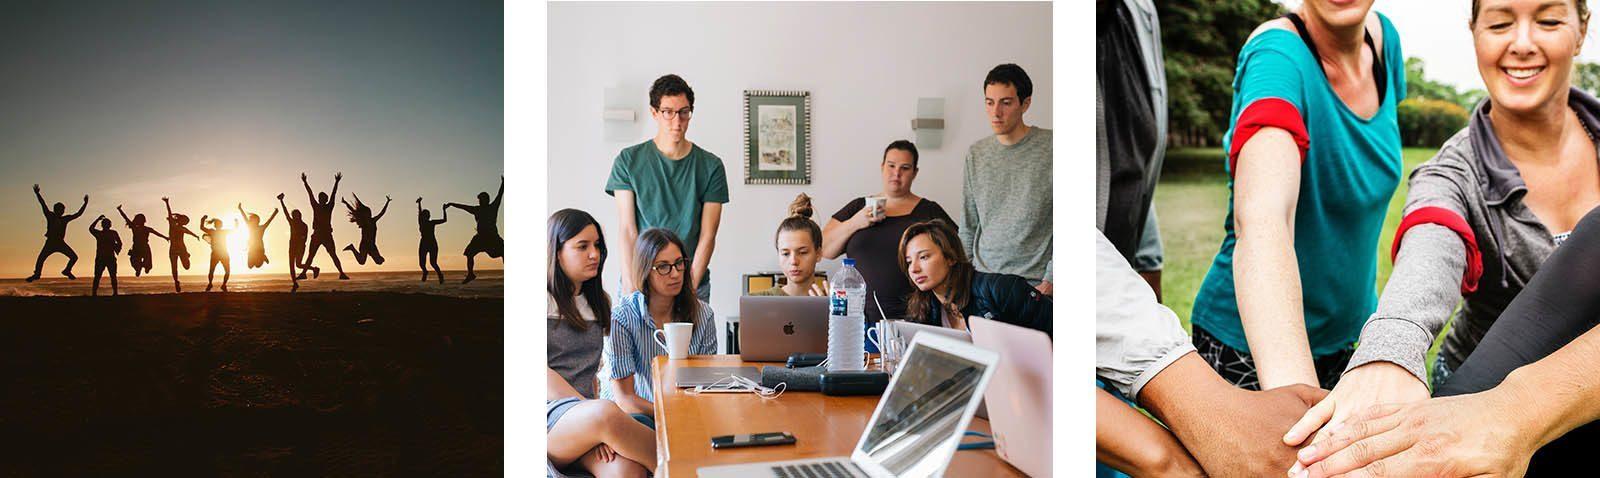 Teambuilding - teamweekend